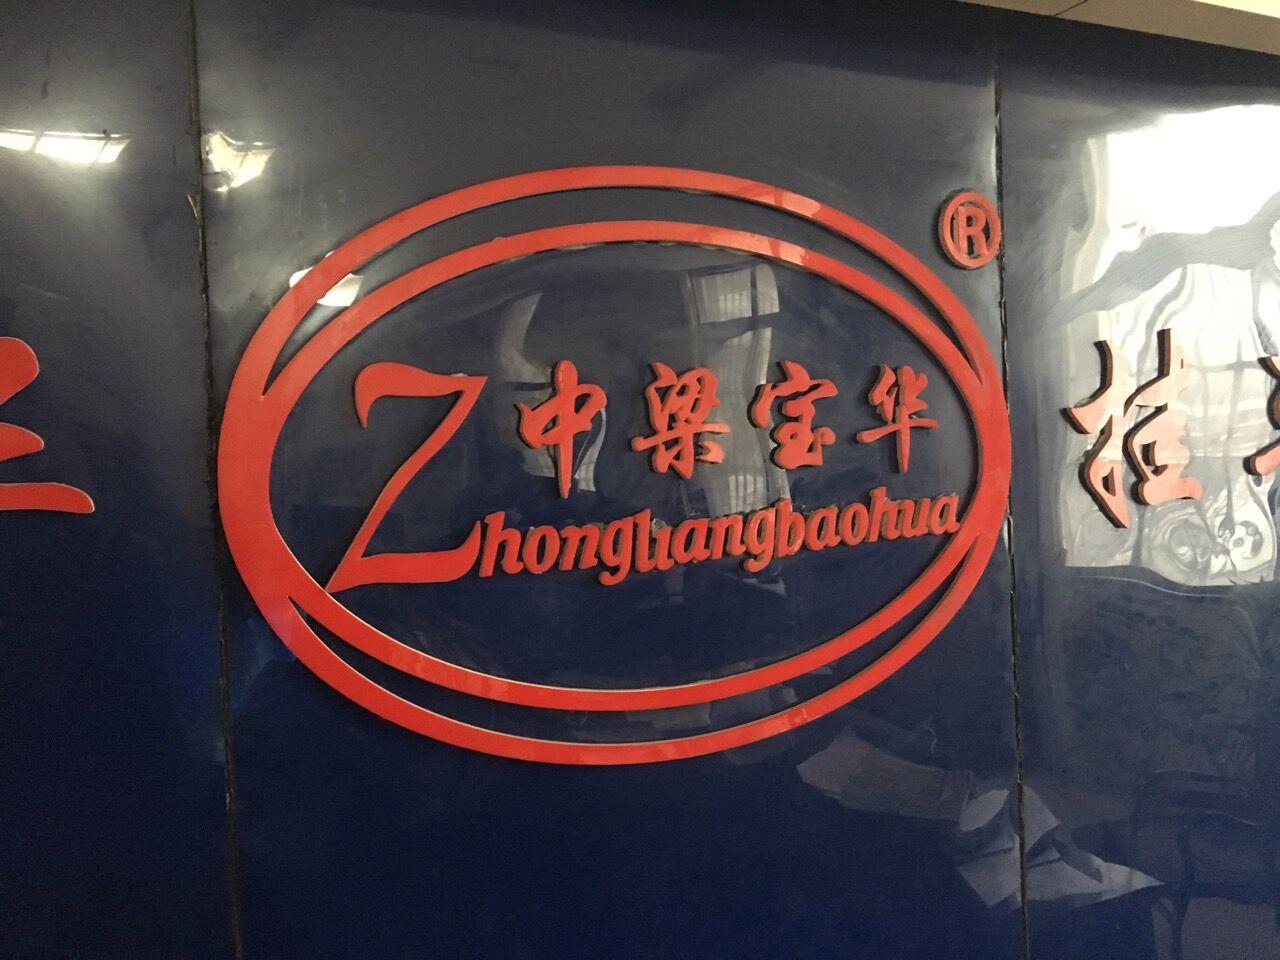 梁山宝华专用汽车制造有限公司